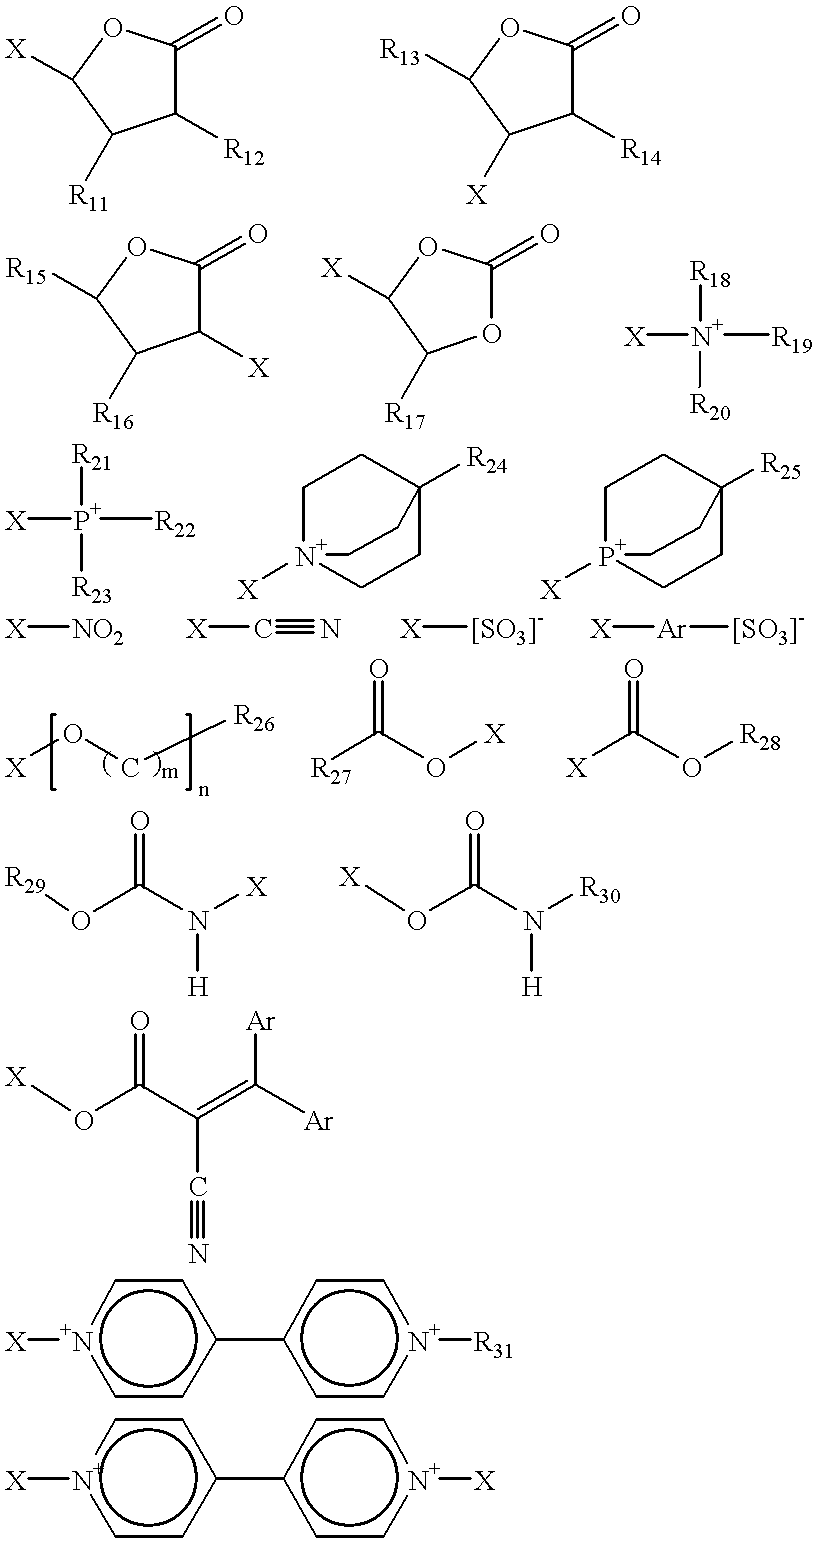 Figure US06262832-20010717-C00008